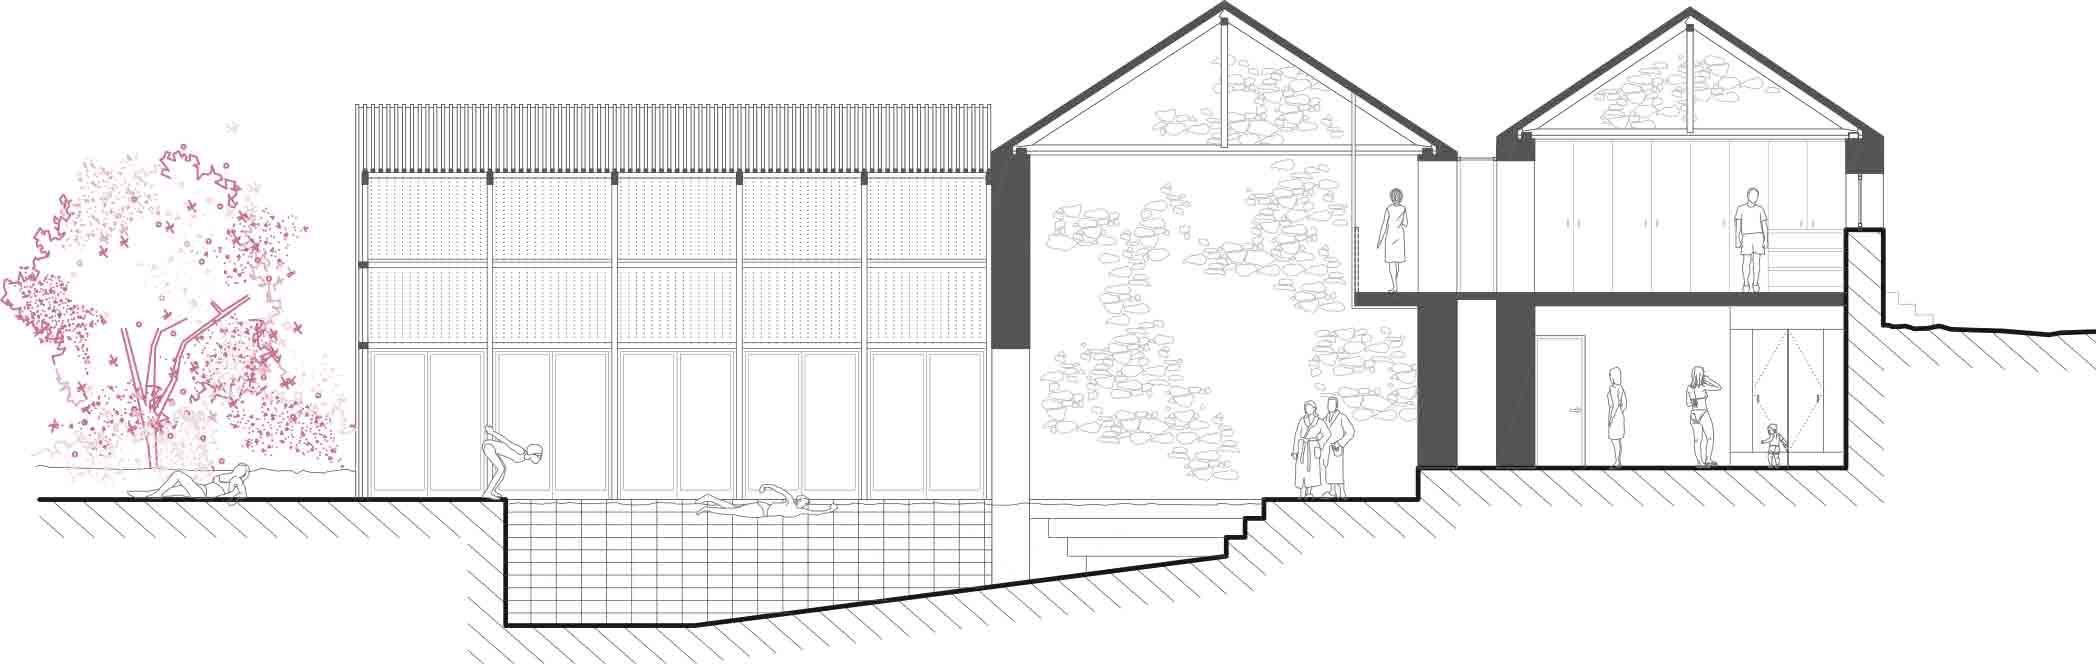 AJO arquitectos concurso padornelo seccion transversal